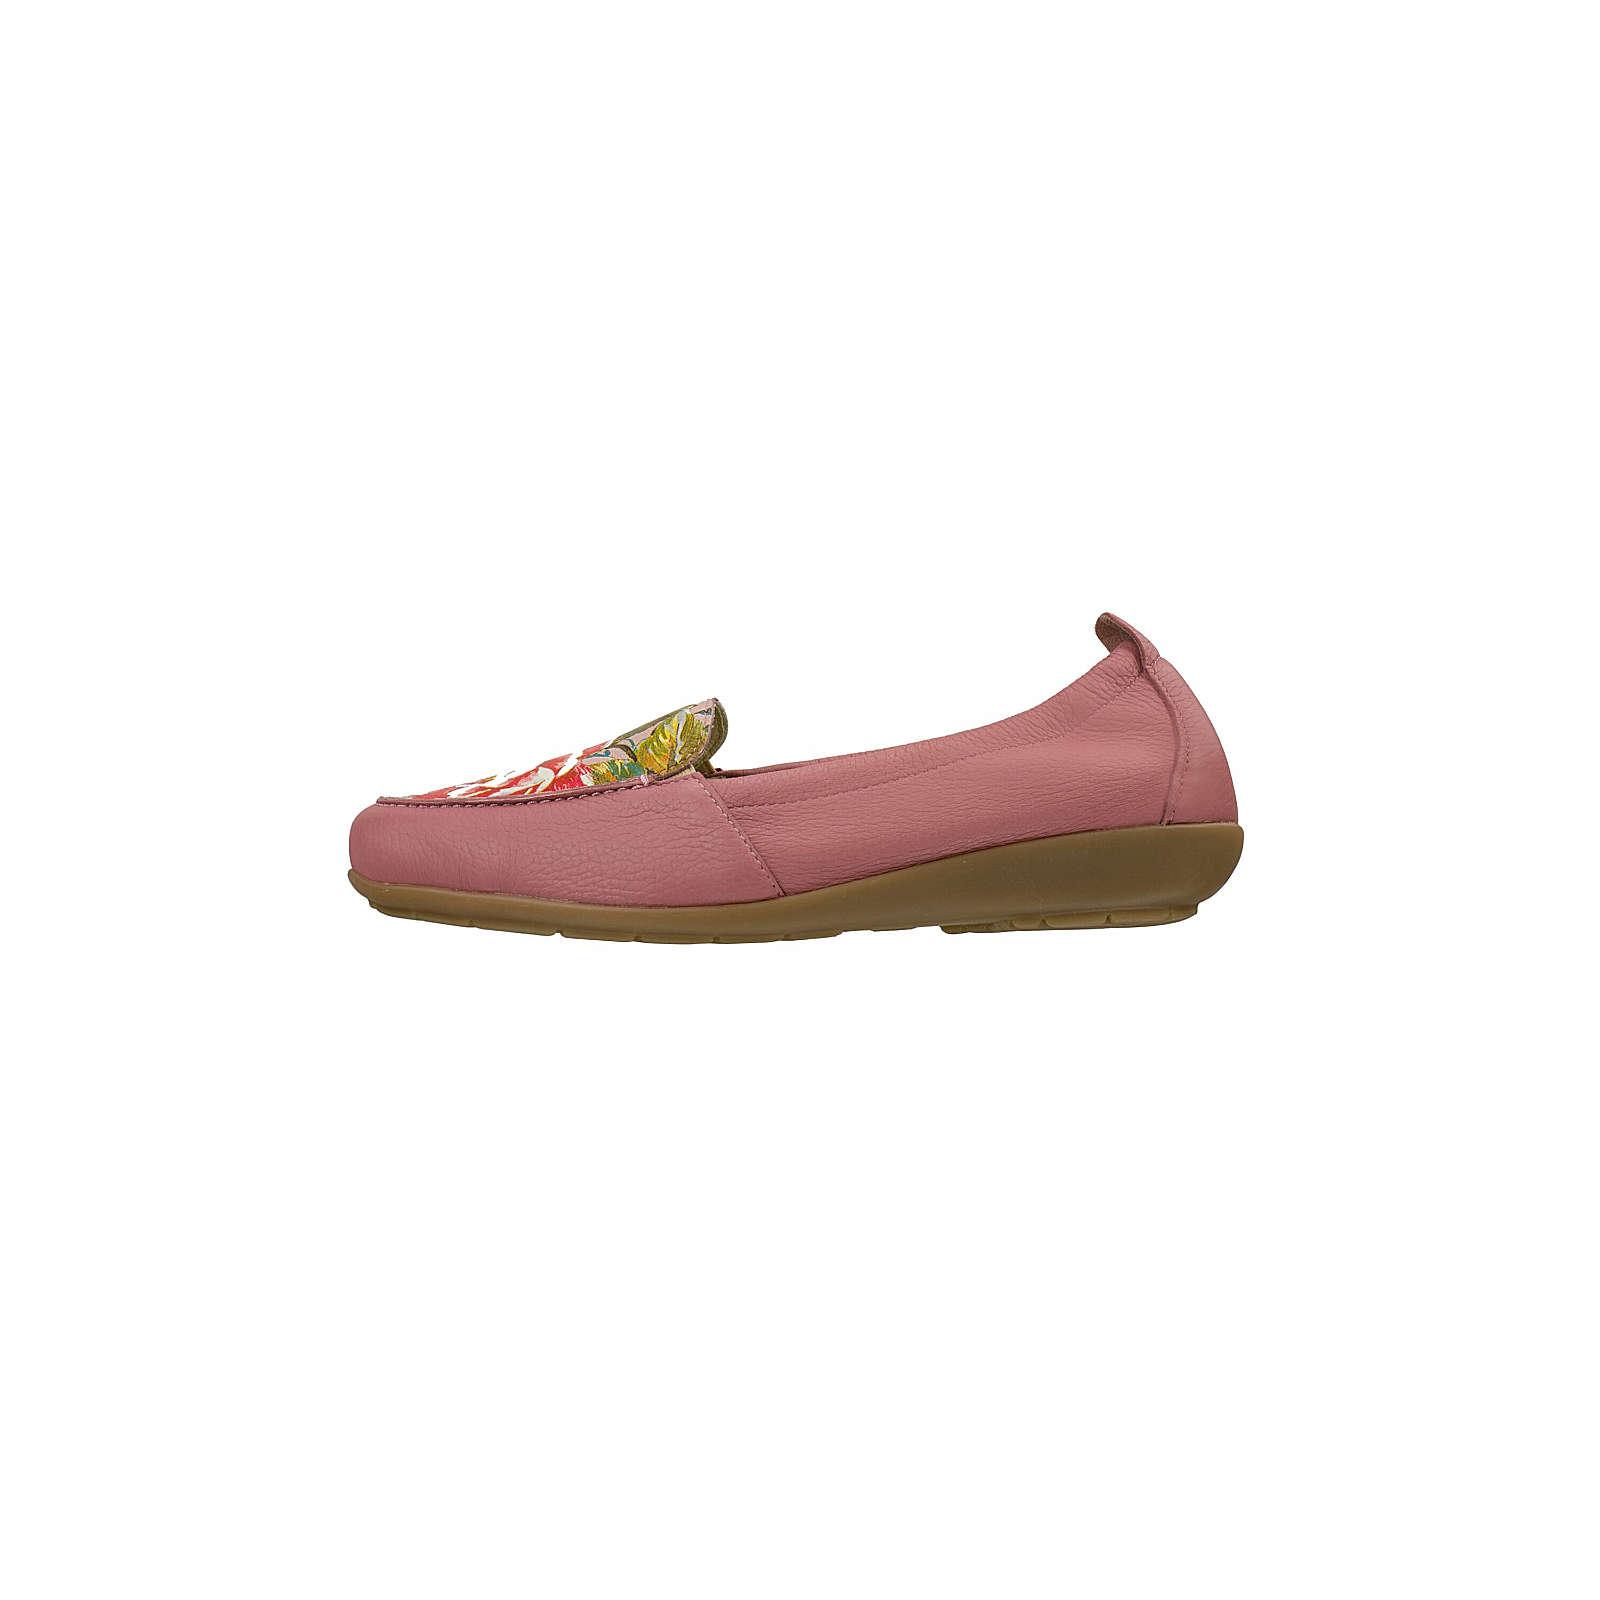 Natural Feet® Natural Feet Mokassin Klassische Halbschuhe rosa Damen Gr. 41